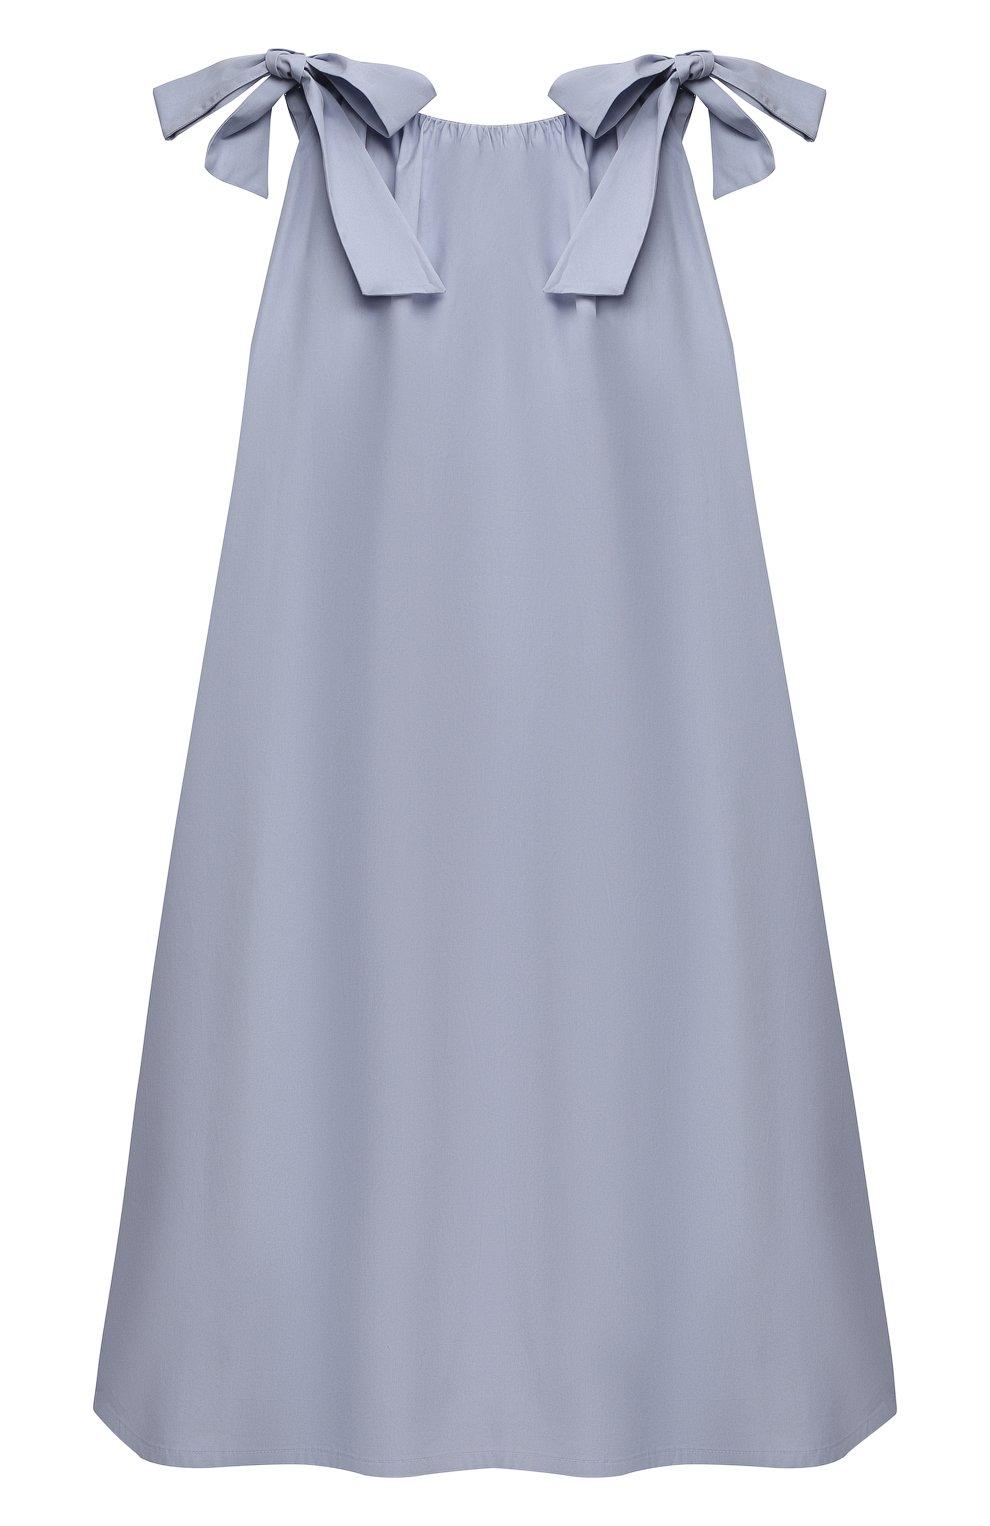 Детское хлопковое платье DOUUOD голубого цвета, арт. 21E/U/JR/AB60/0300/3A-8A | Фото 2 (Рукава: Короткие; Случай: Повседневный; Материал внешний: Хлопок; Девочки Кросс-КТ: Платье-одежда; Материал подклада: Хлопок; Ростовка одежда: 4 года | 104 см, 6 лет | 116 см, 8 лет | 128 см)